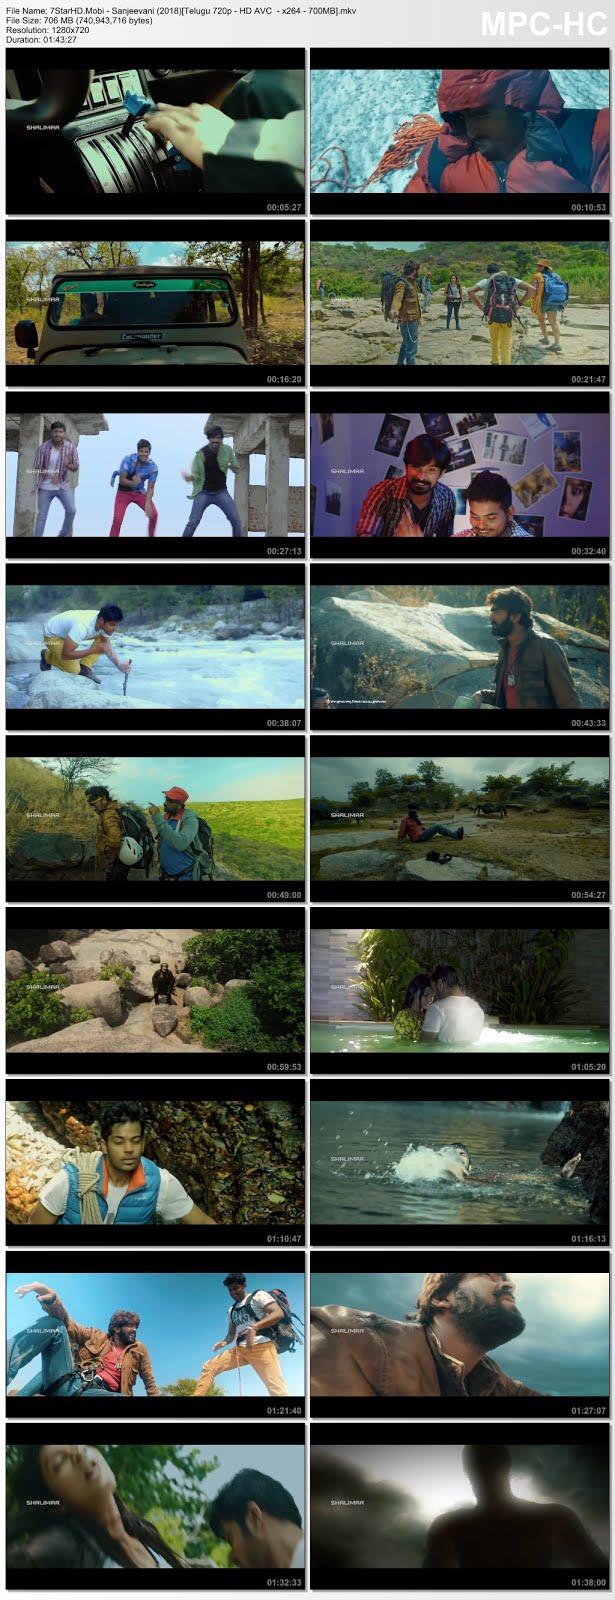 Sanjeevani (2018) Telugu 720p HDRip x264 700MB 7StarHD Com